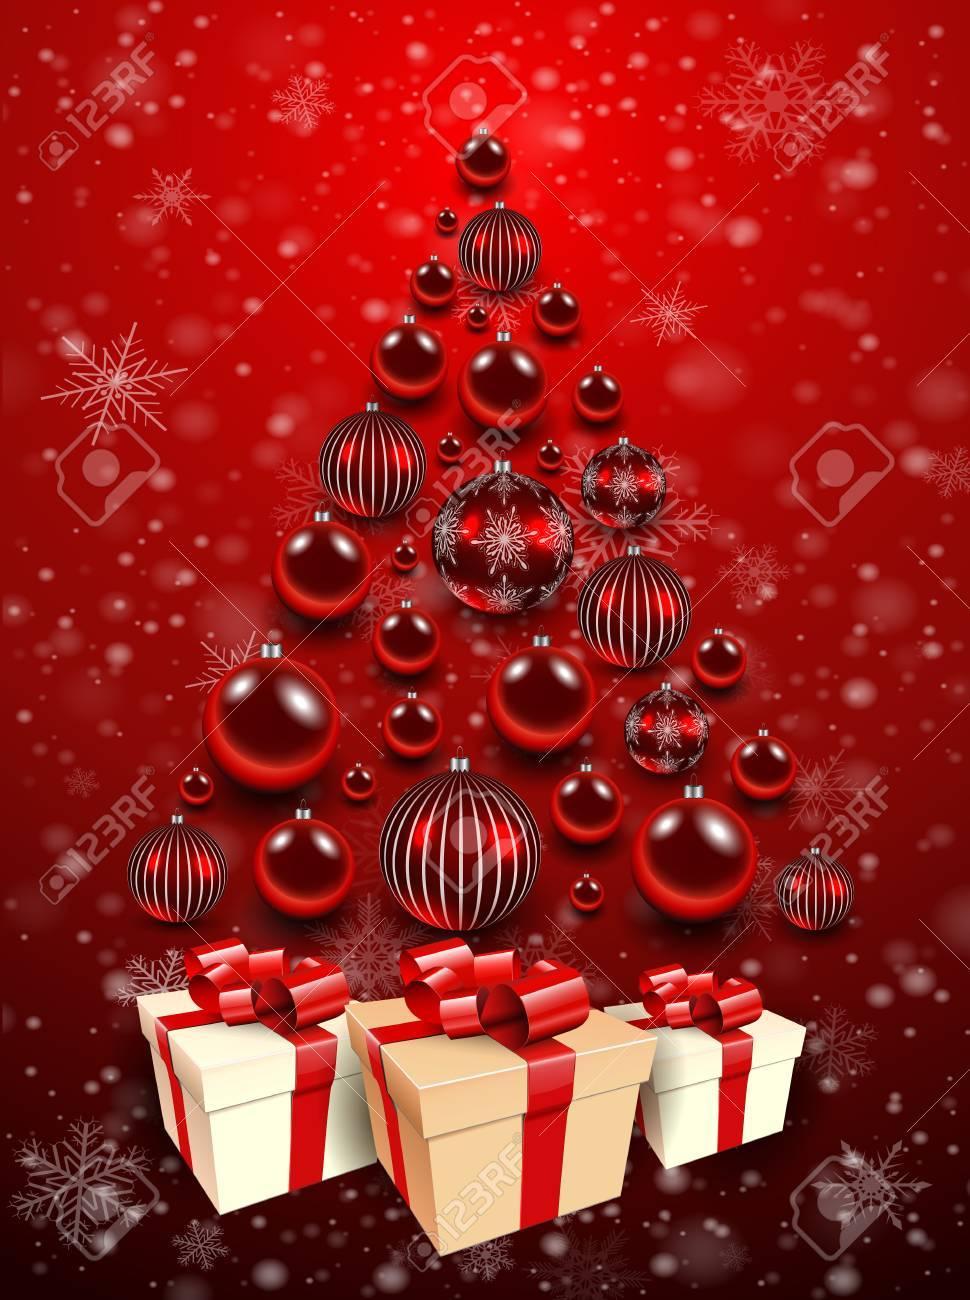 Weihnachten Hintergrund Rot Mit Weihnachtsbaum, Geschenk-Box Und ...